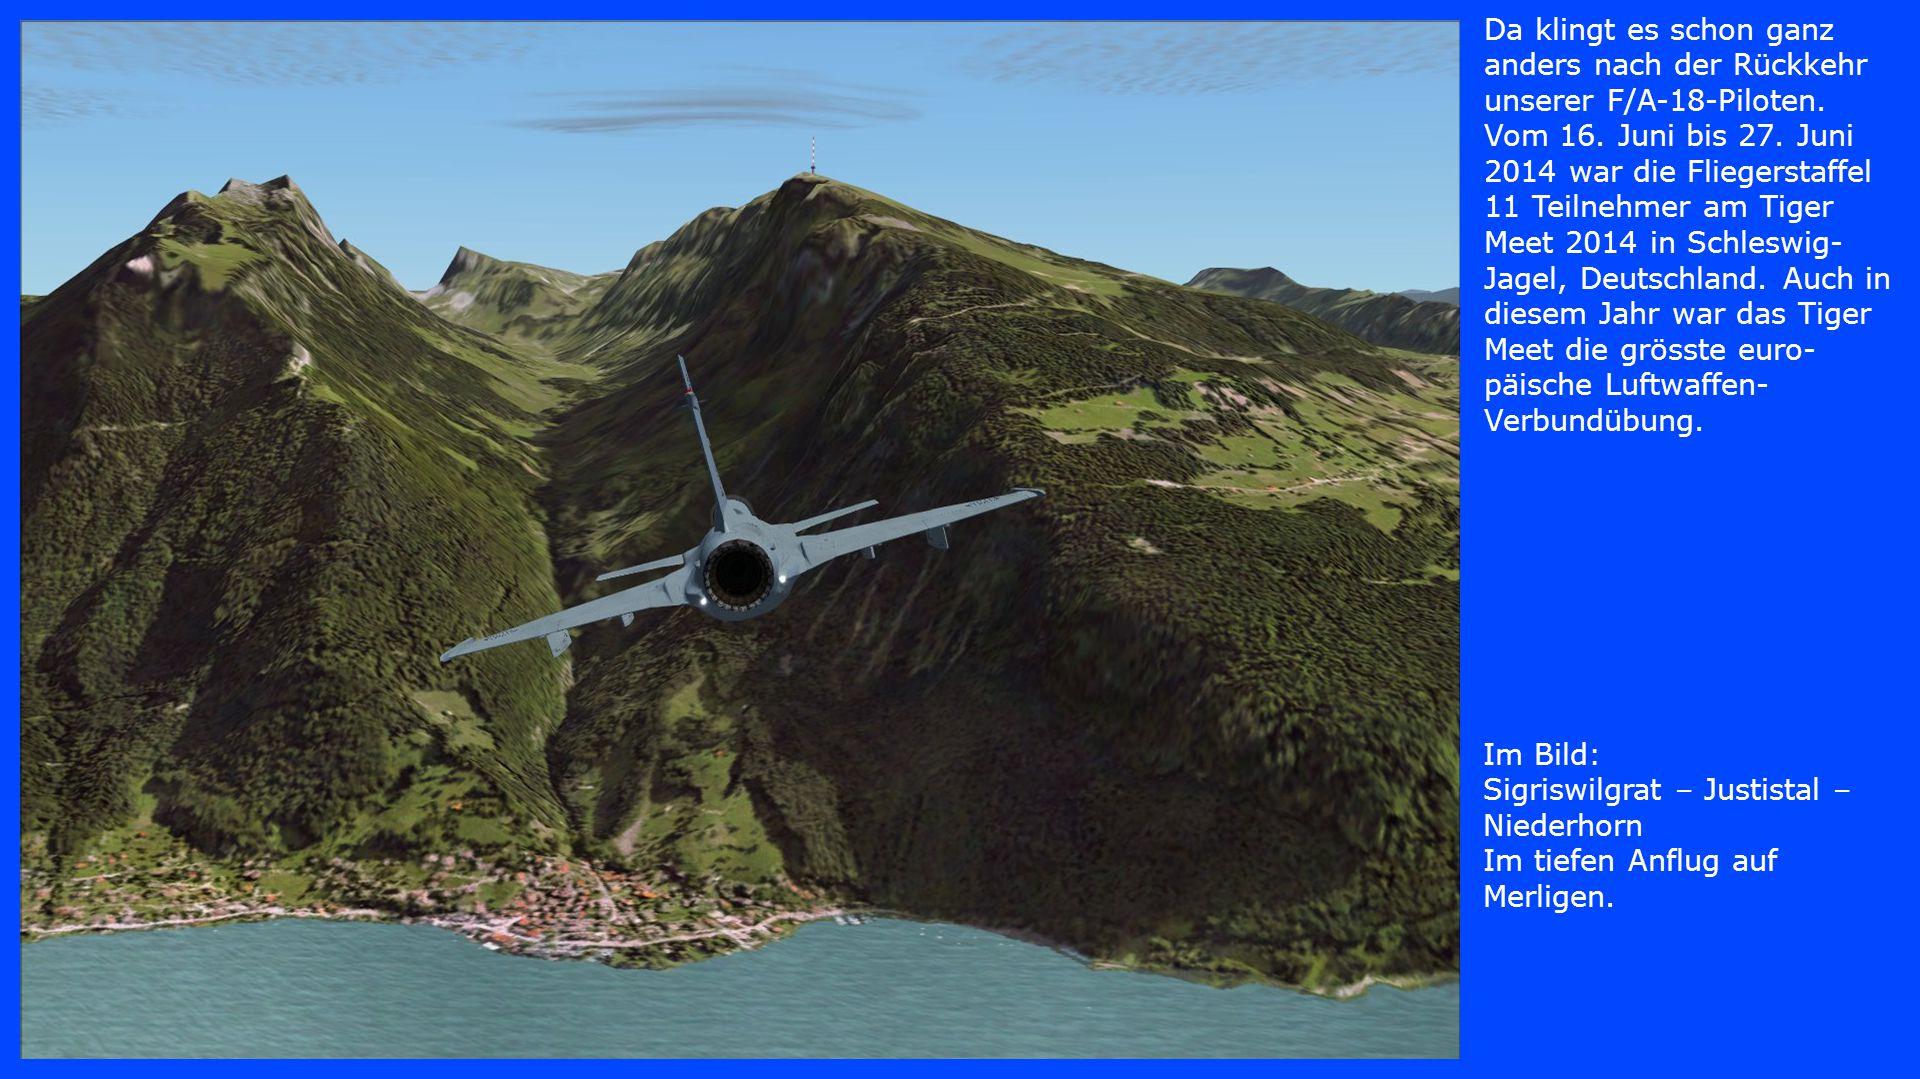 Im Bild: Sigriswilgrat – Justistal – Niederhorn Im tiefen Anflug auf Merligen. Da klingt es schon ganz anders nach der Rückkehr unserer F/A-18-Piloten